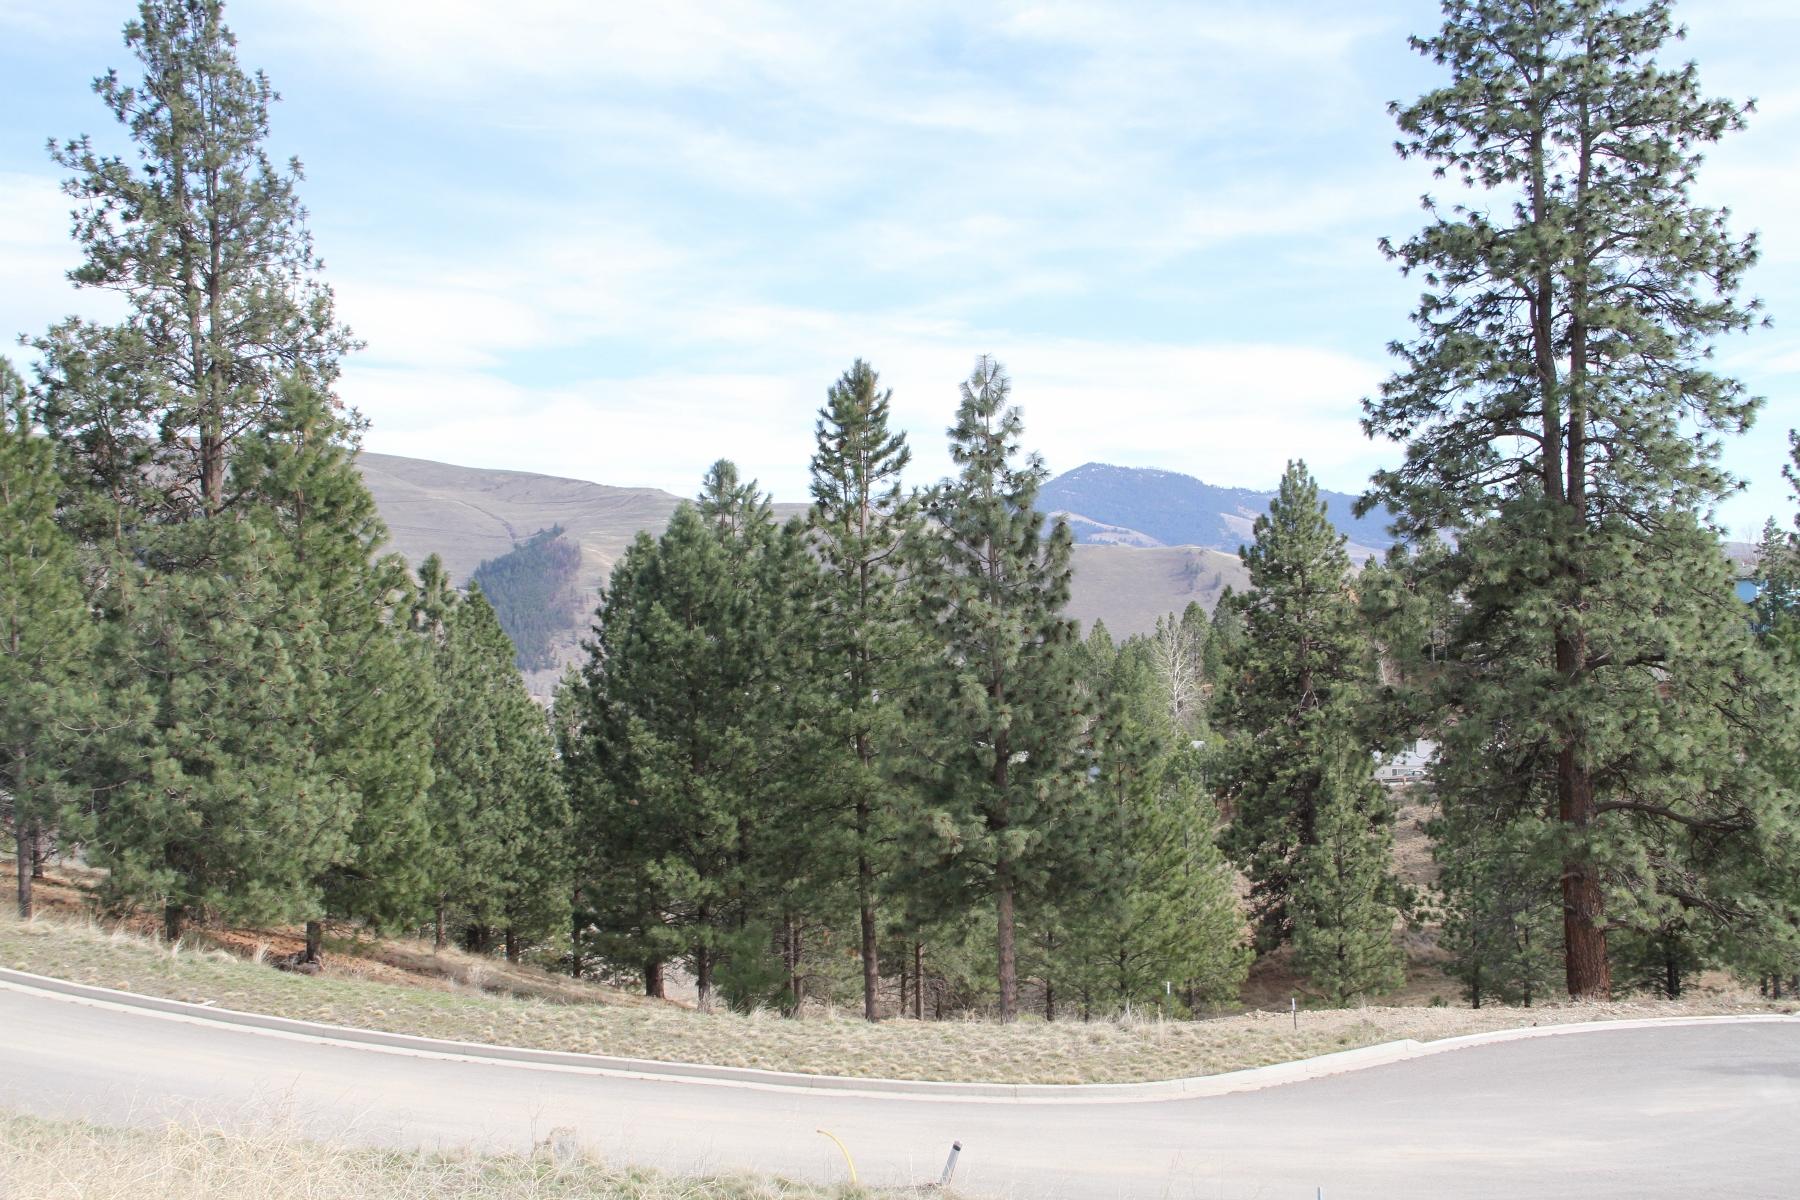 Terreno por un Venta en Ponderosa Heights Lot 18 Sugar Pine Place Lolo, Montana 59847 Estados Unidos